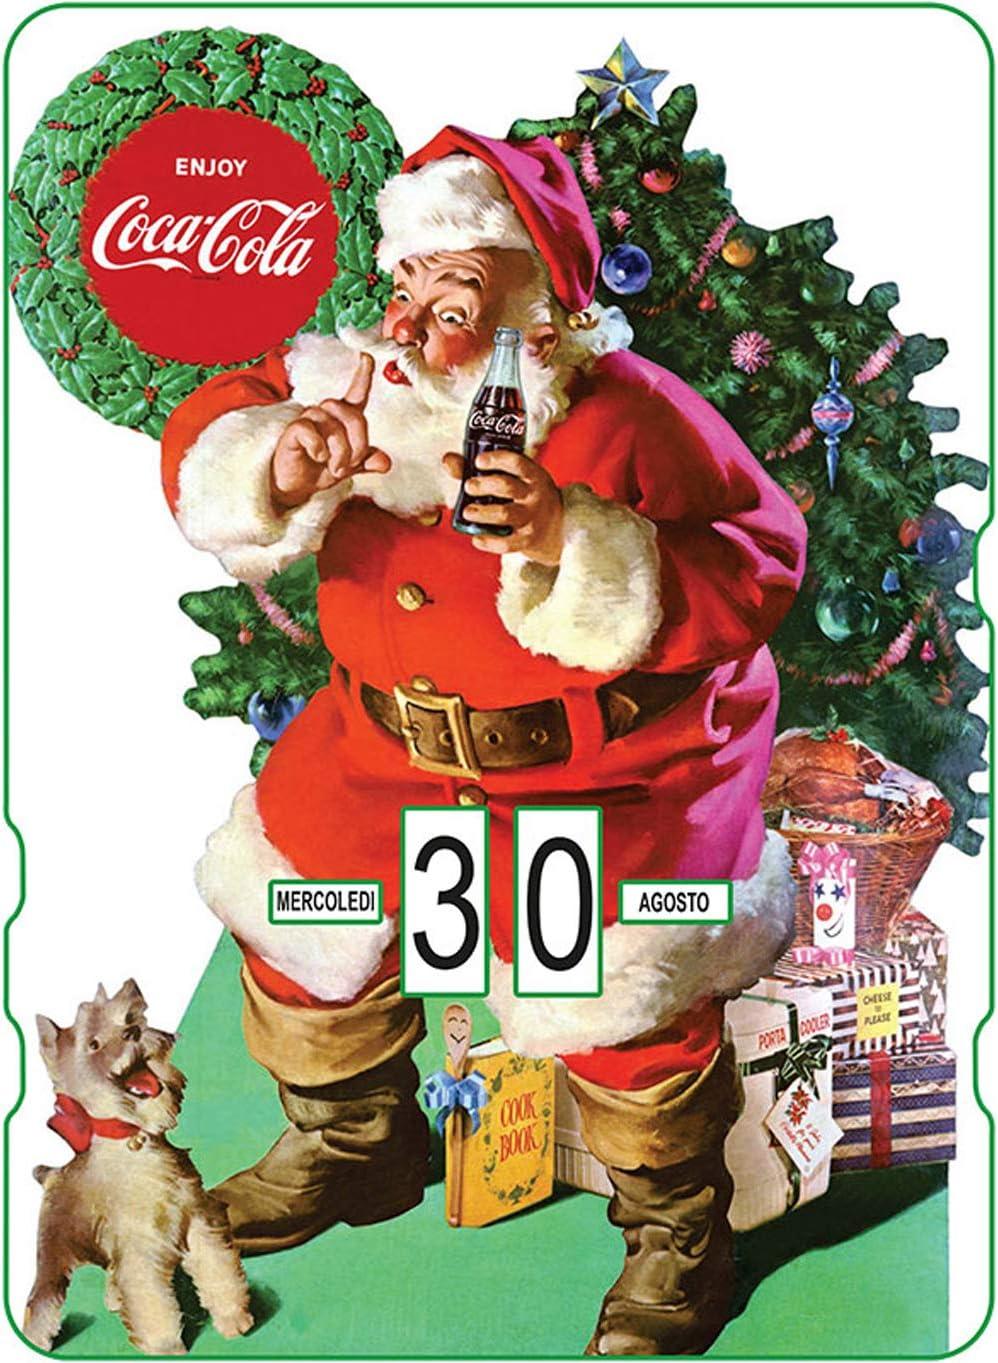 Coca Cola Babbo Natale.Calendario Perpetuo Coca Cola Babbo Natale Con Regali Vicino Del Albero Amazon It Cancelleria E Prodotti Per Ufficio